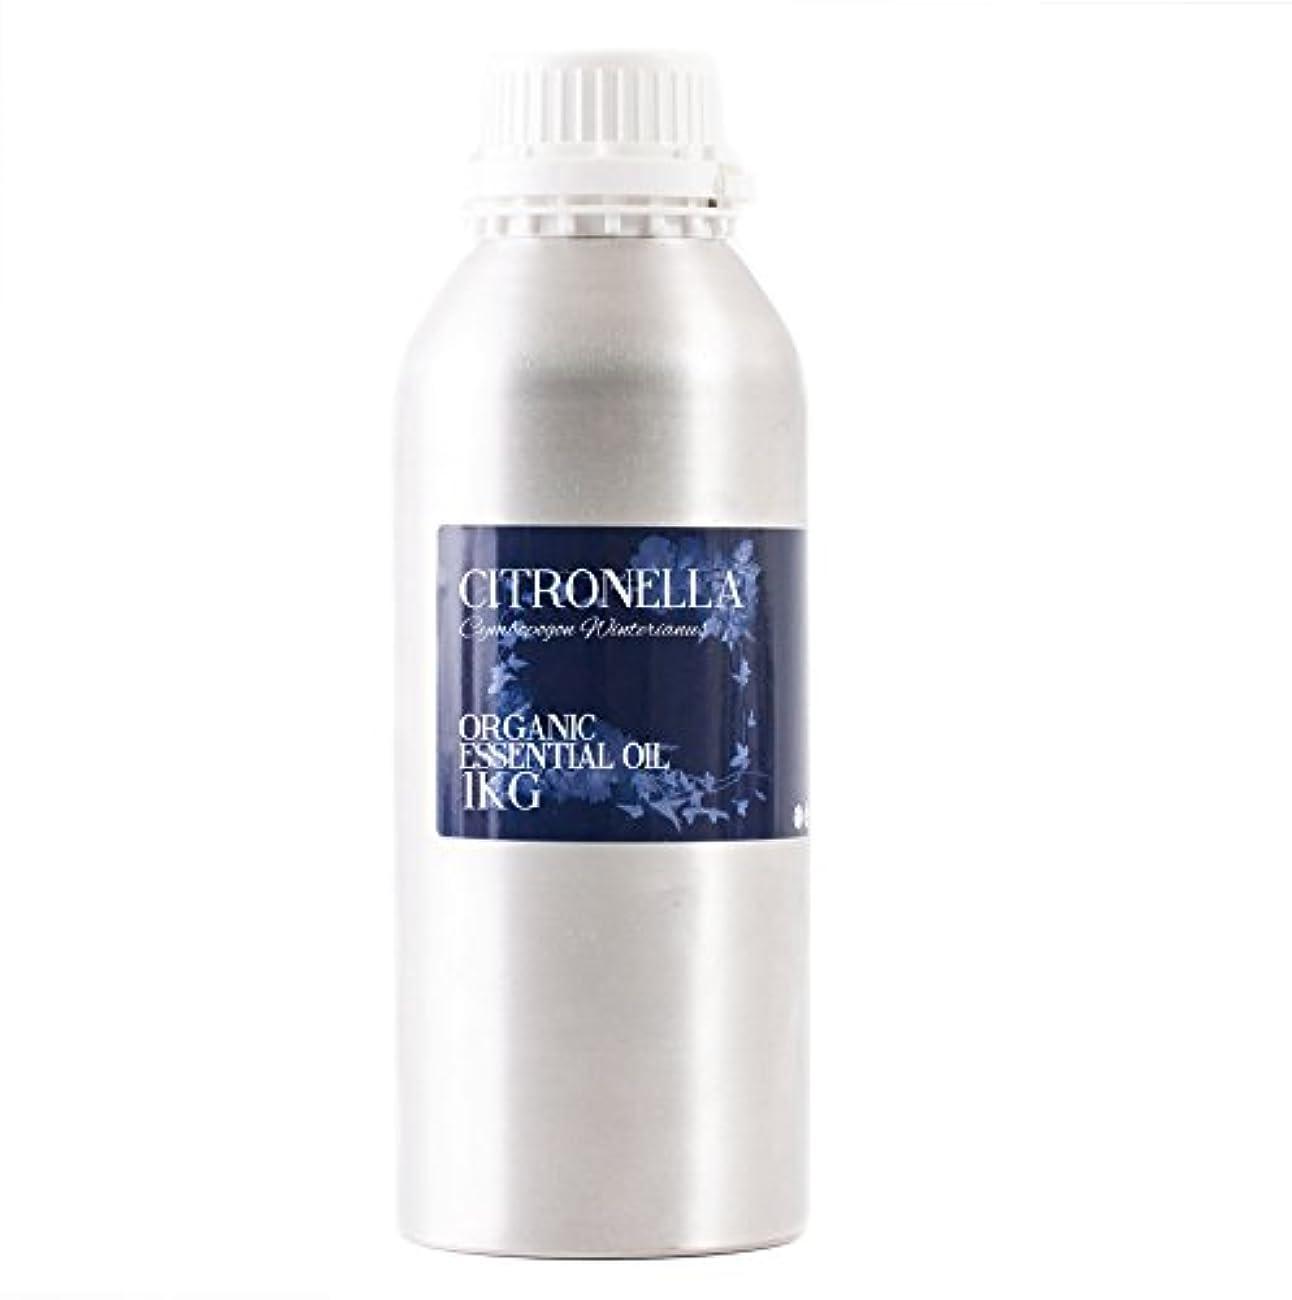 コンバーチブル批判的に早いMystic Moments | Citronella Organic Essential Oil - 1Kg - 100% Pure